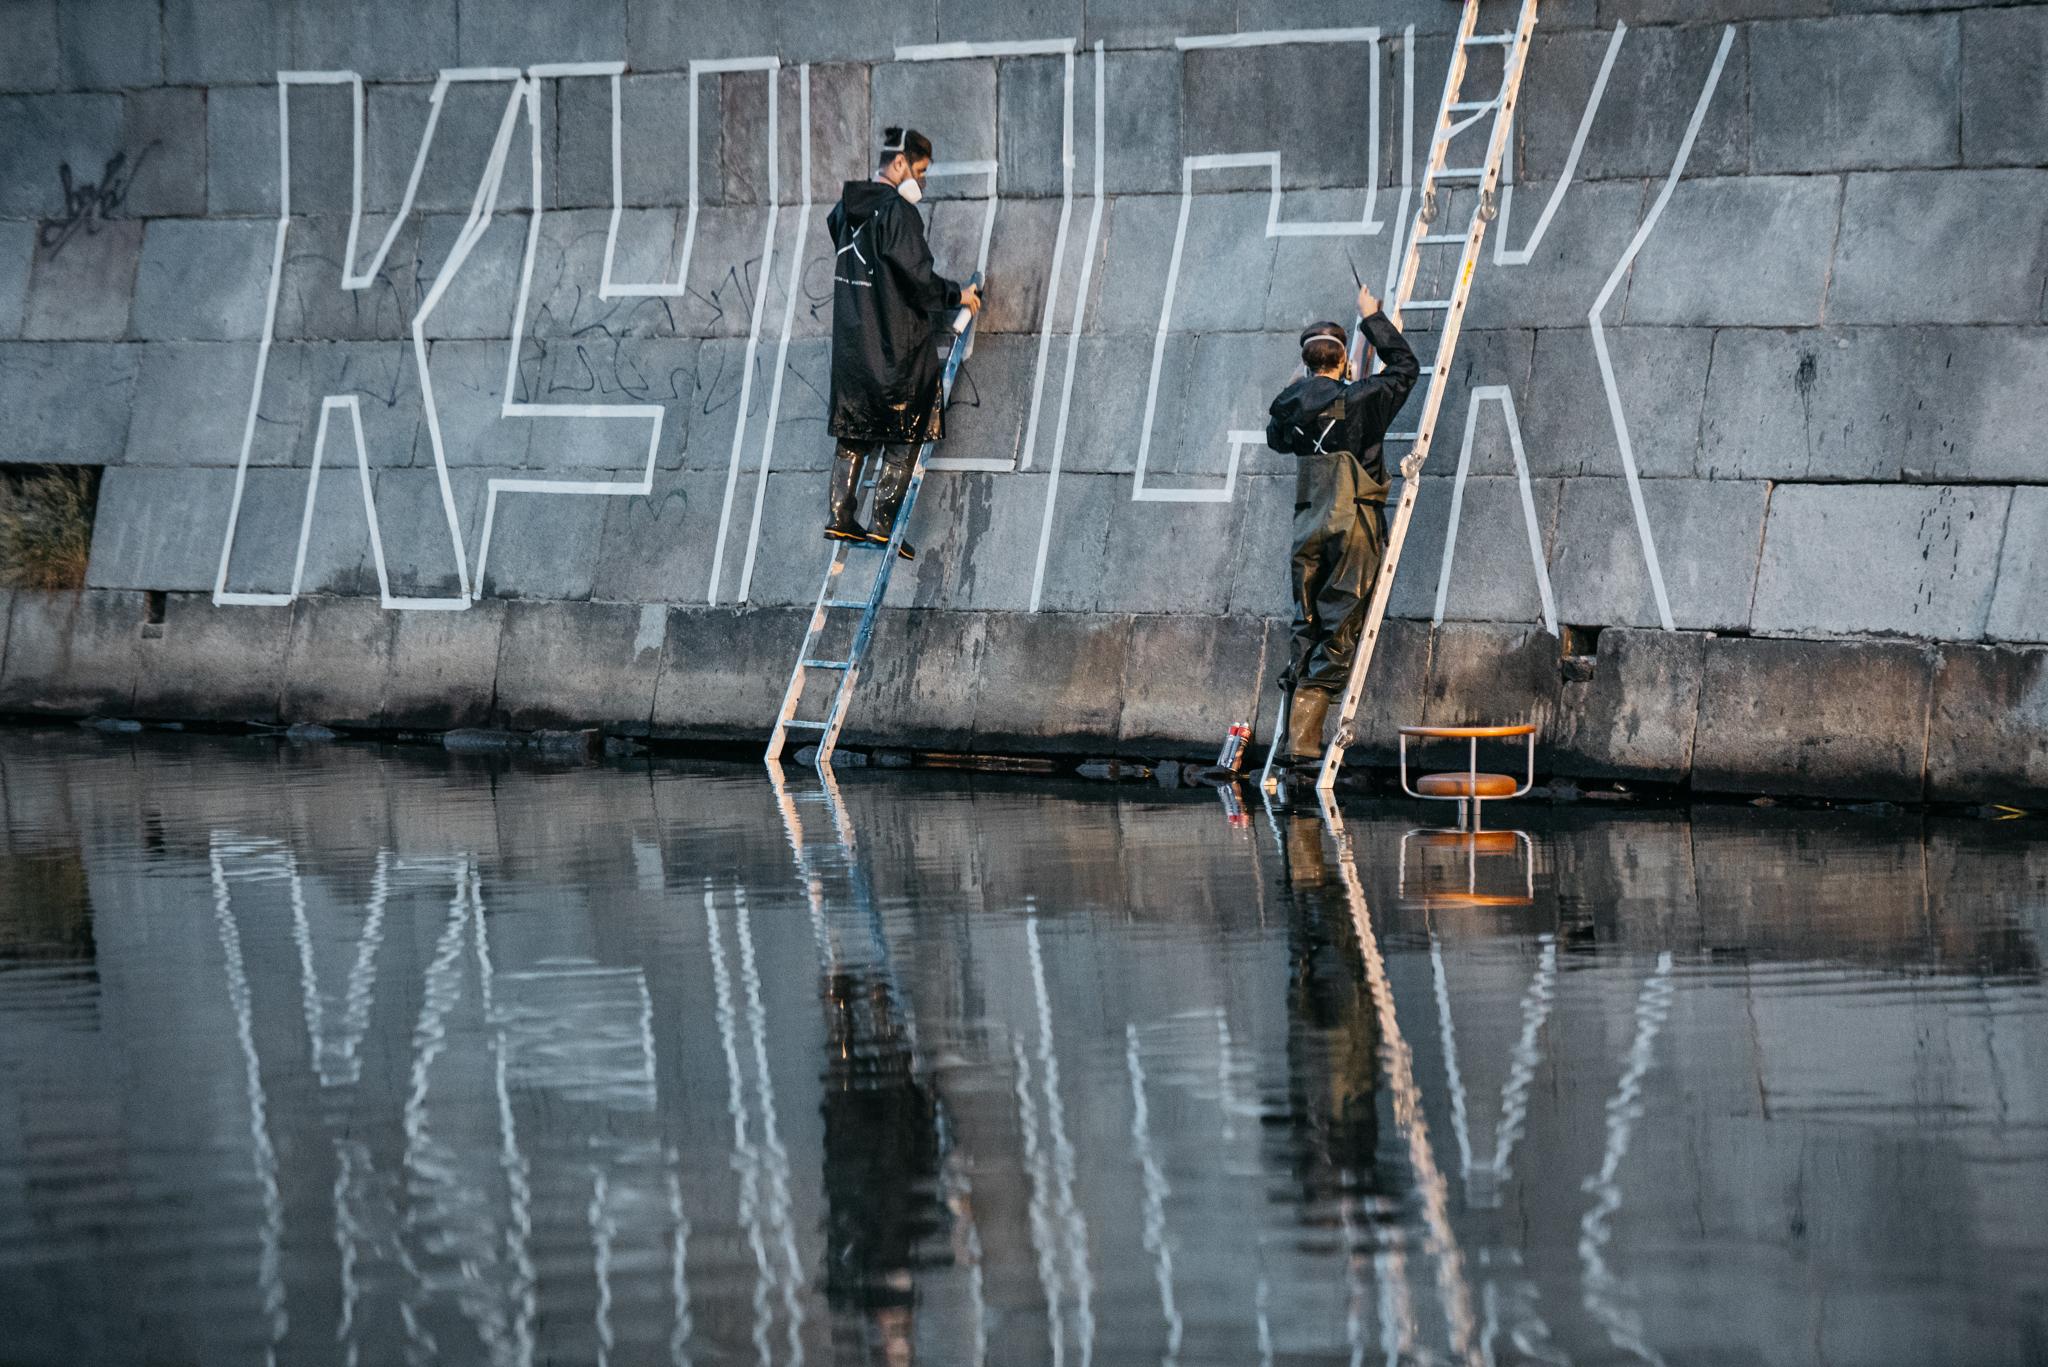 Екатеринбург, Свердловская область, Стенограффия, атомная подводная лодка Курск, достопримечательности Екатеринбурга